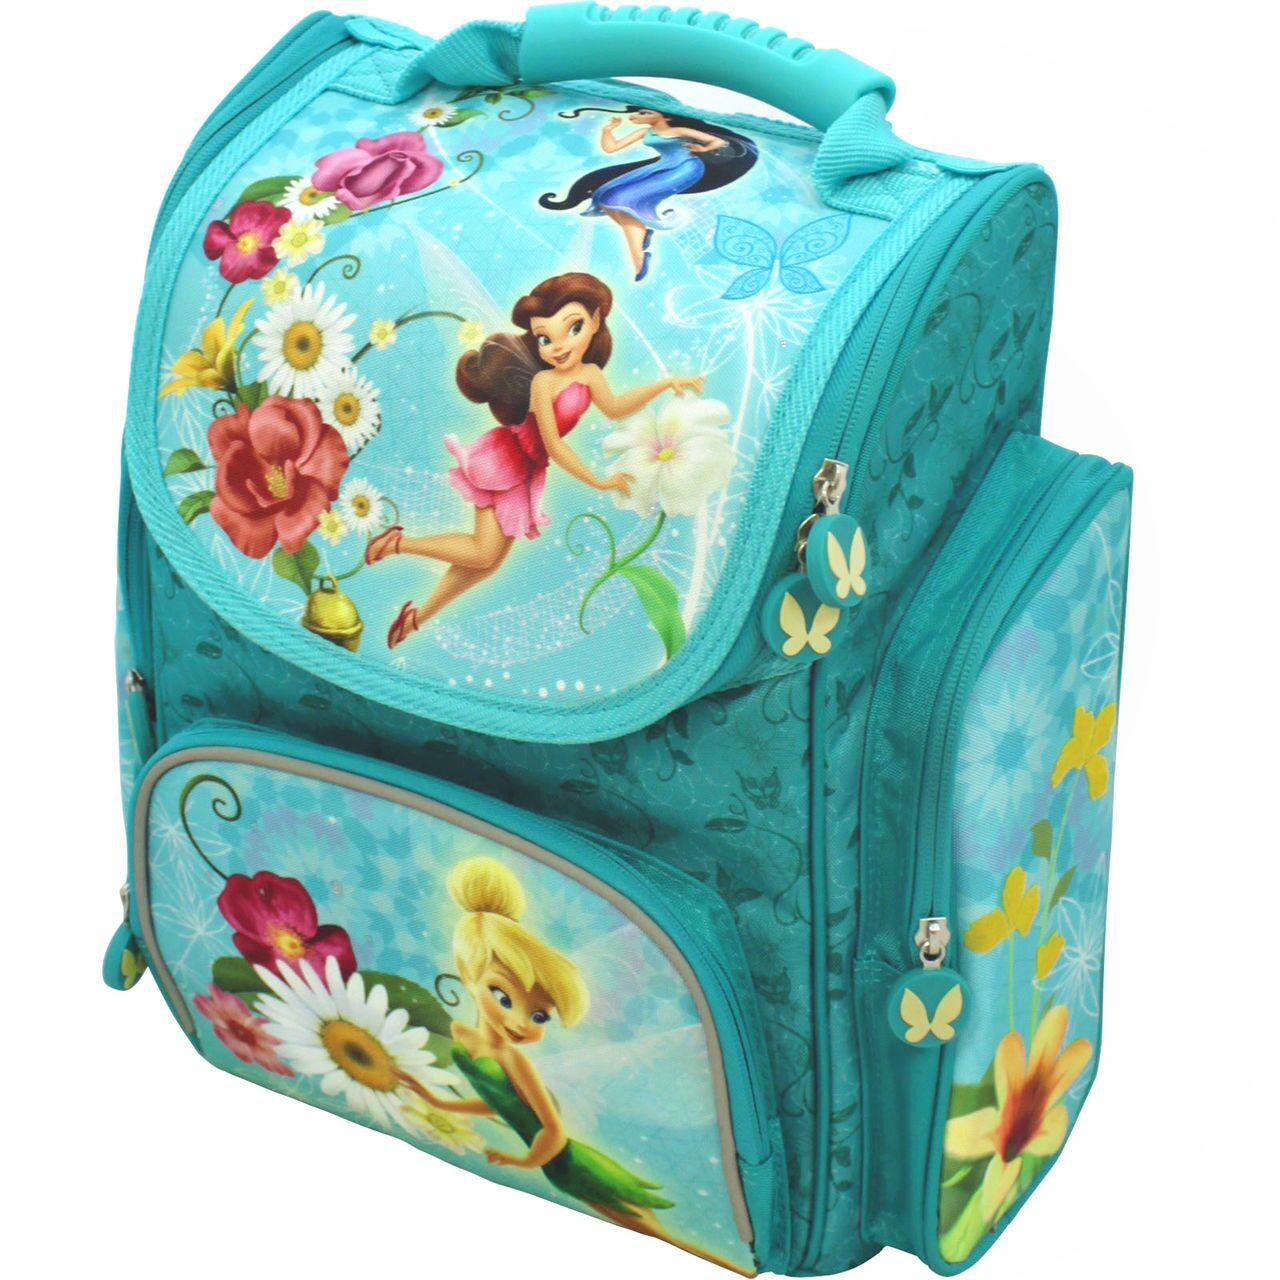 Школьный рюкзаки с феей динь-динь архитектора власова 39 чемоданы